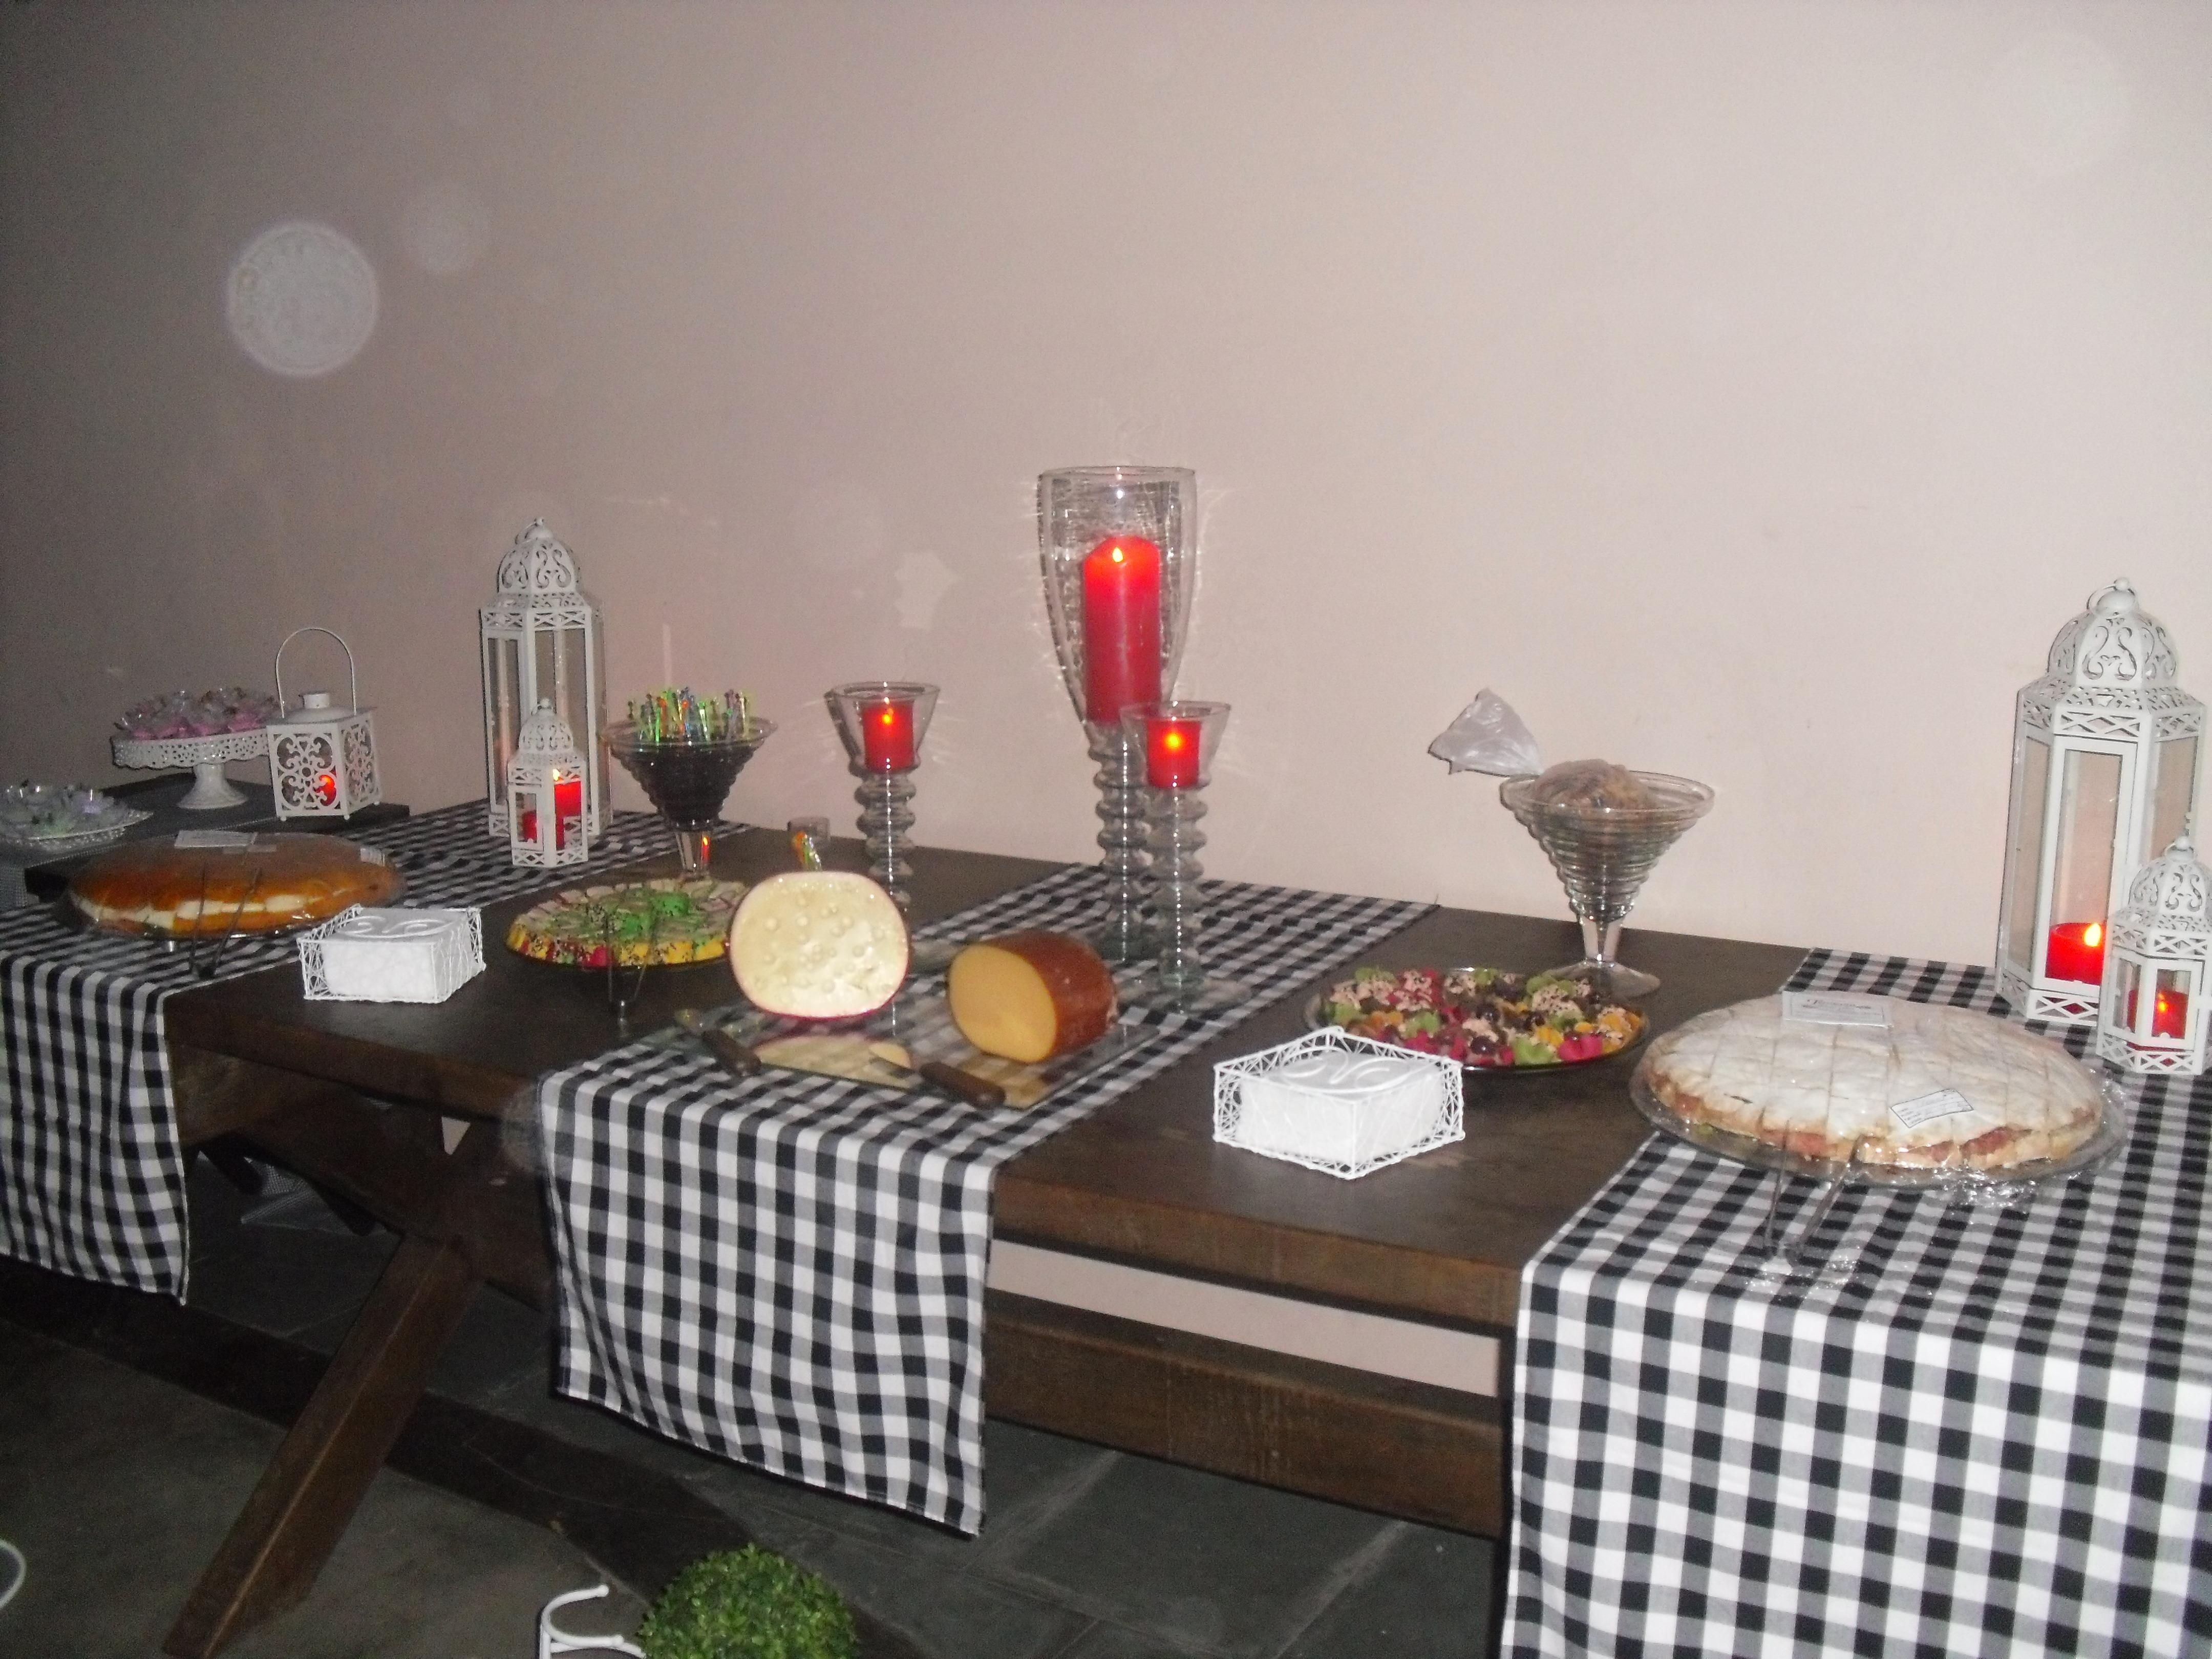 decoracao festa rustica:festa casa no morumbi provencal festa casa no morumbi provencal festa